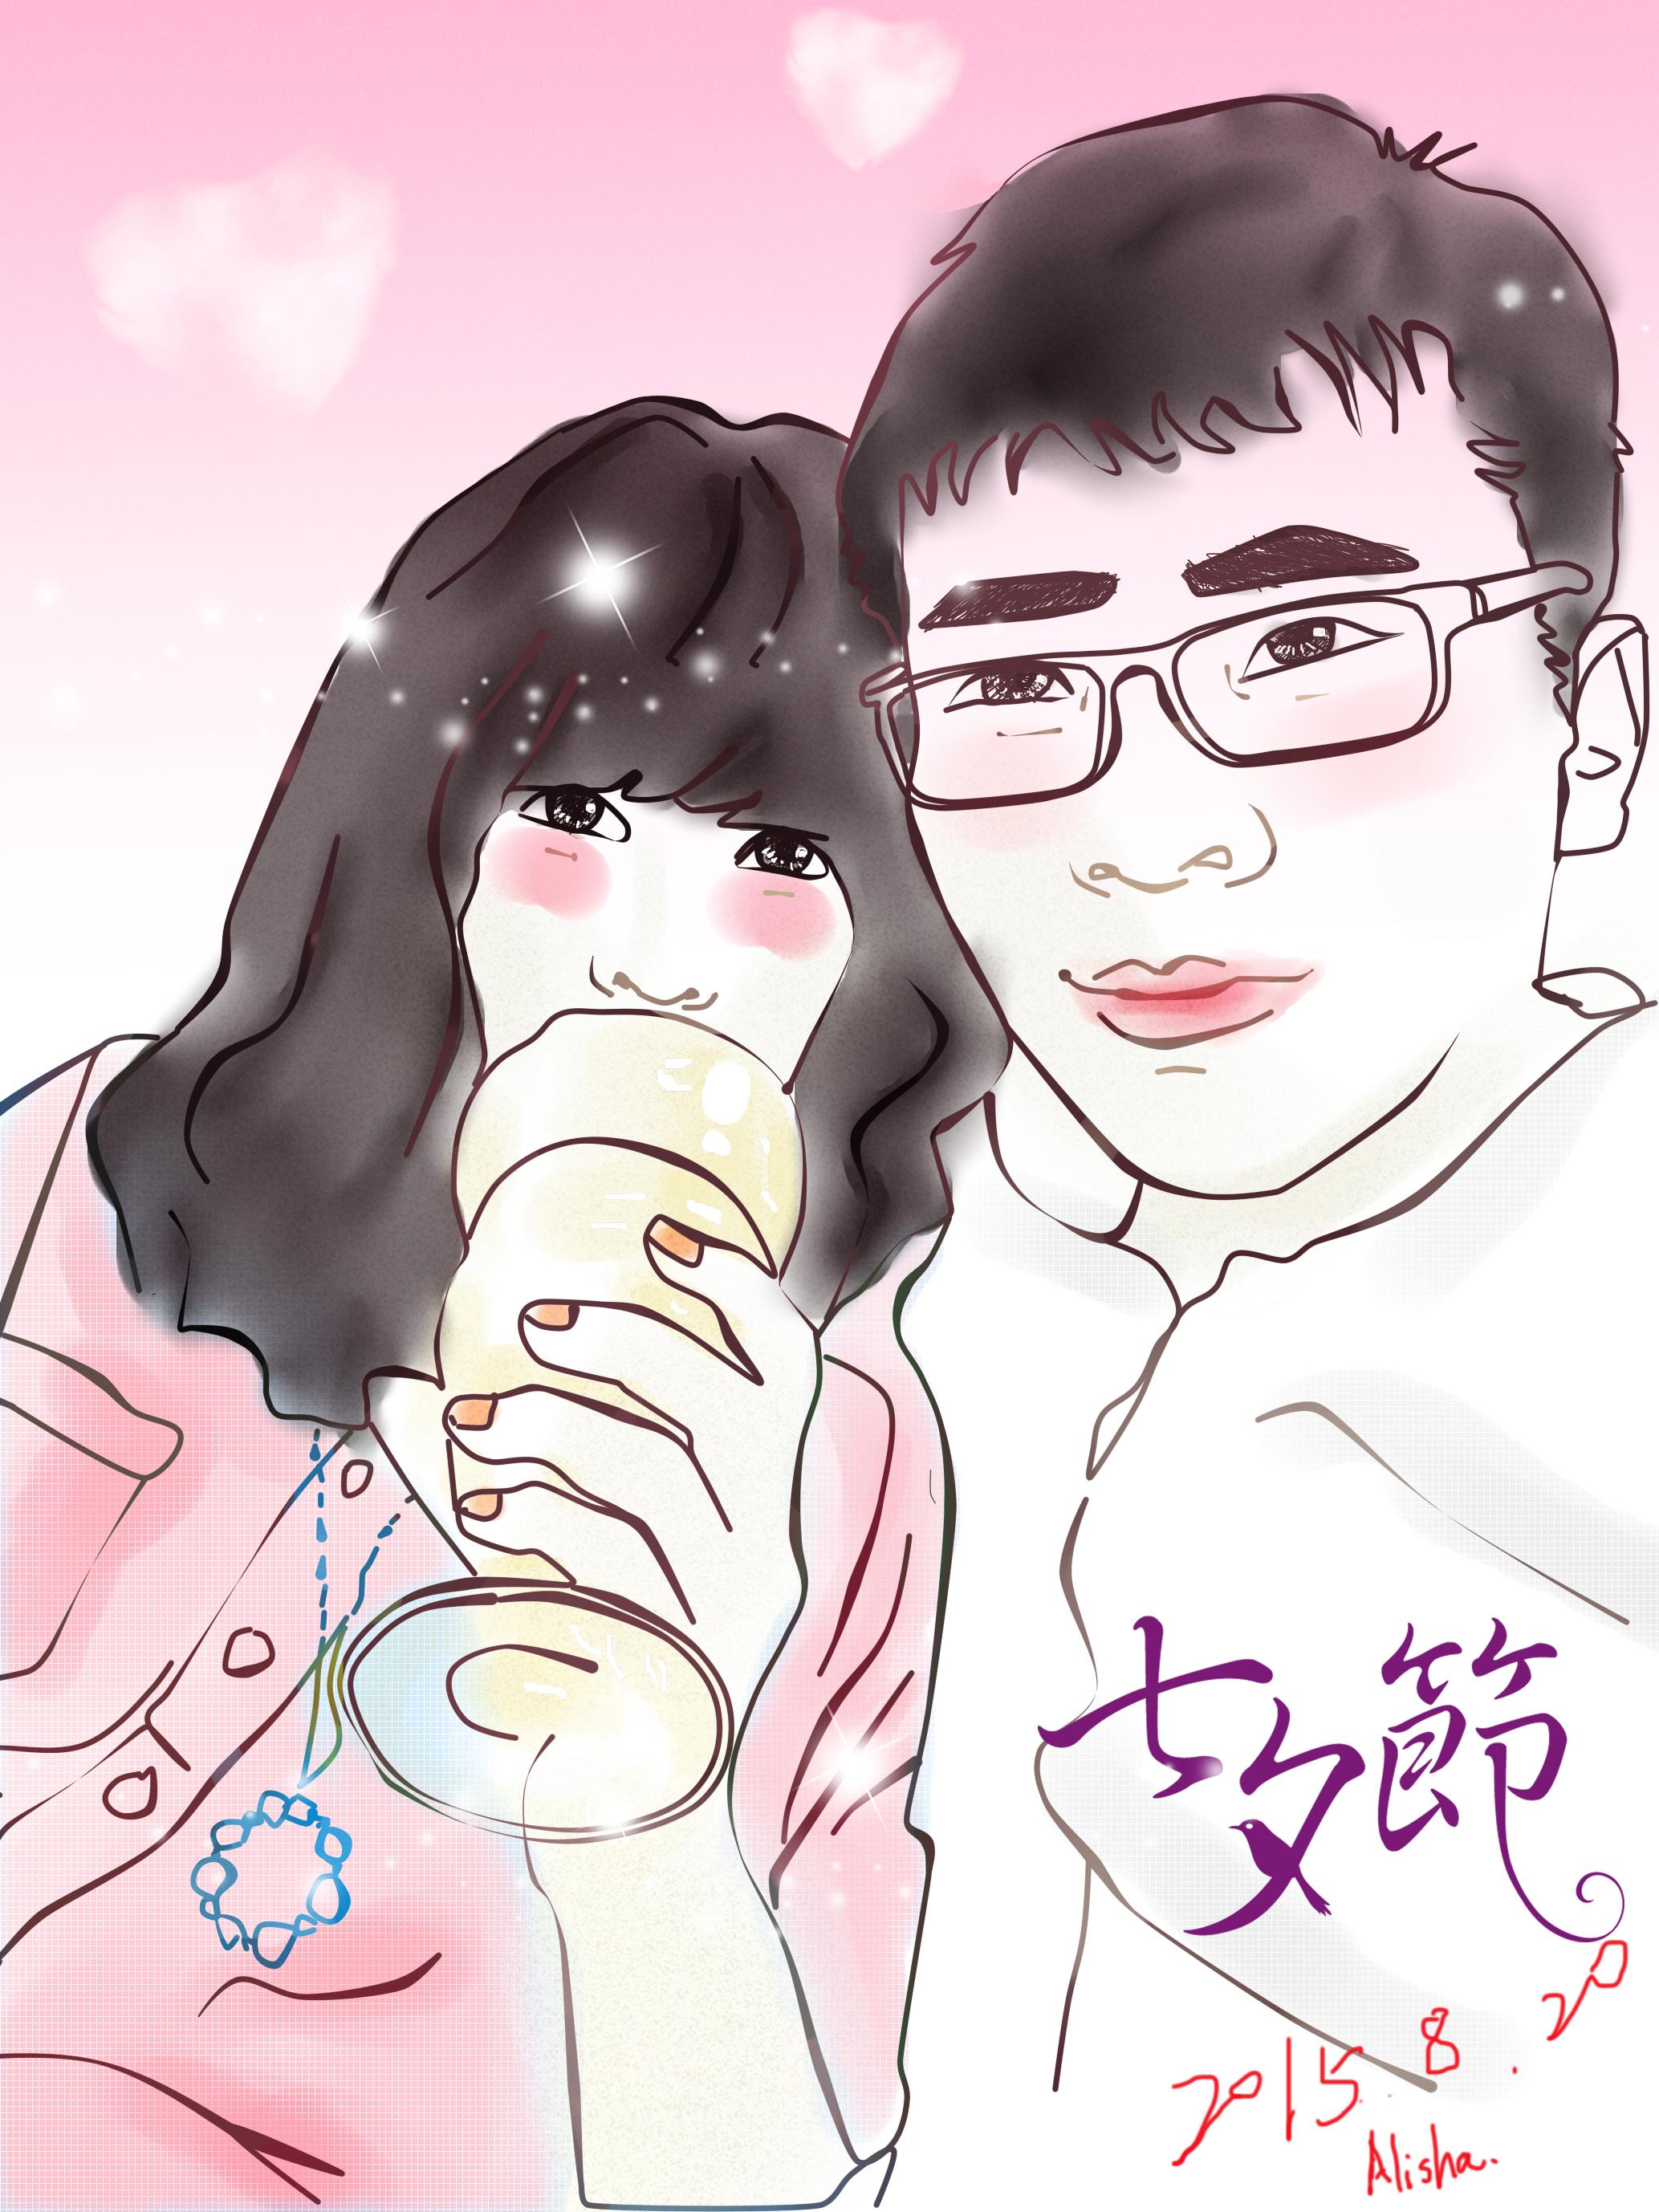 全身手绘真人照片转插画七夕礼物定制送女朋友男朋友情人节礼物